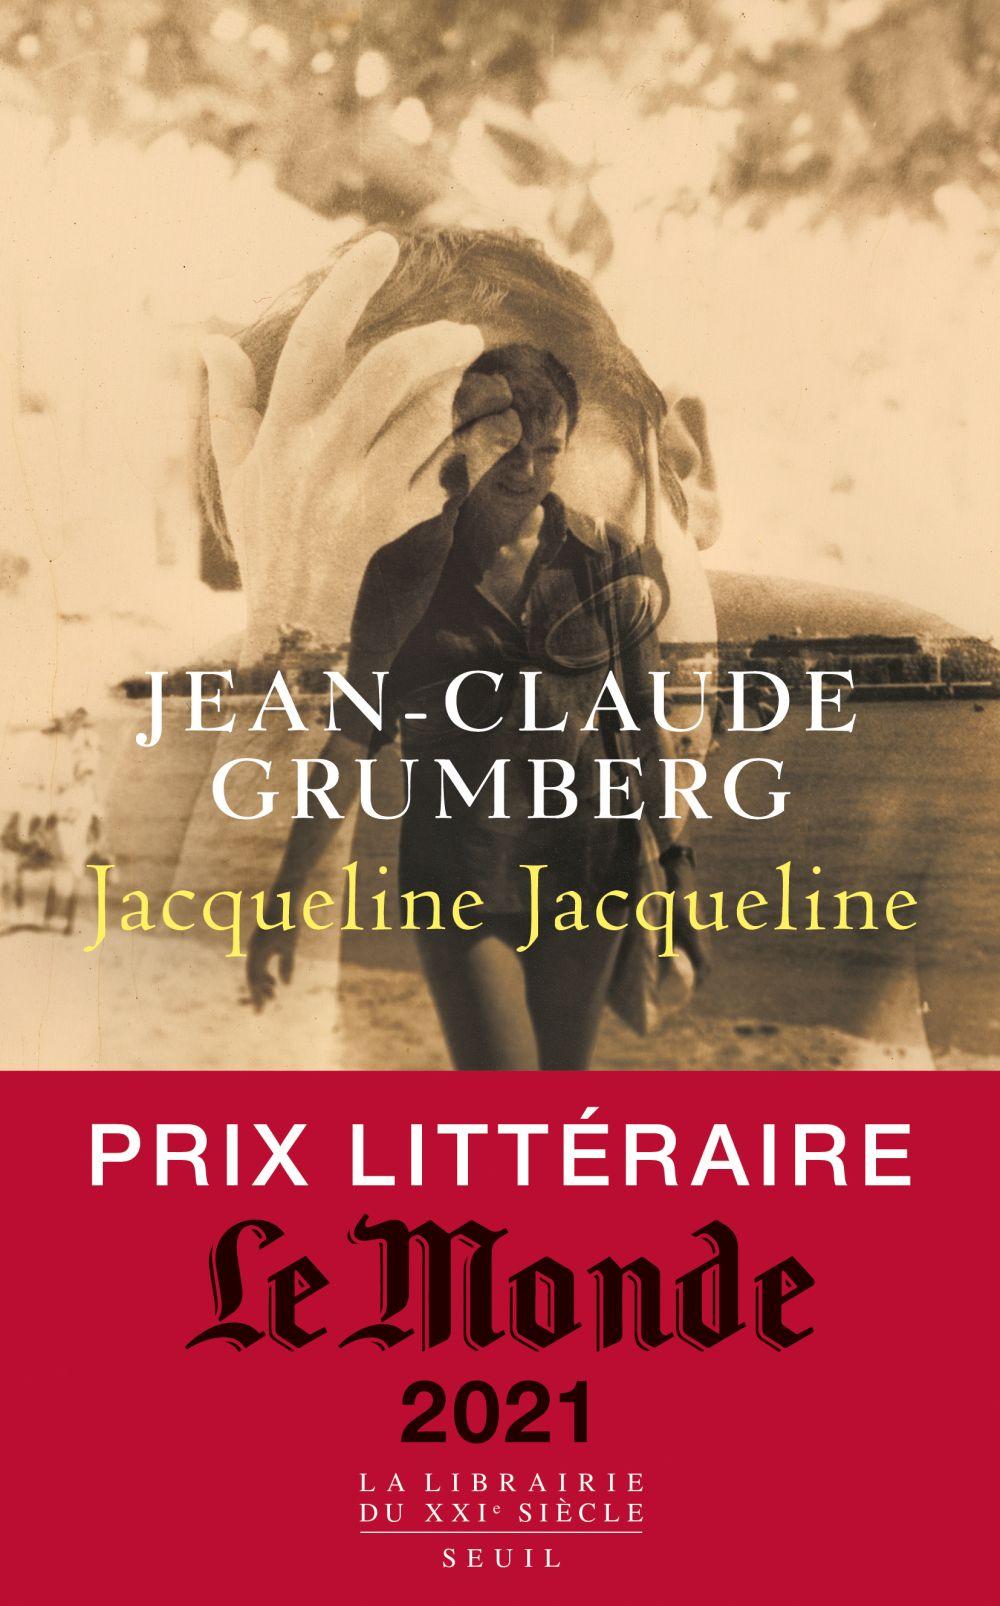 Jacqueline Jacqueline - Prix littéraire Le Monde 2021 | Grumberg, Jean-Claude (1939-....). Auteur